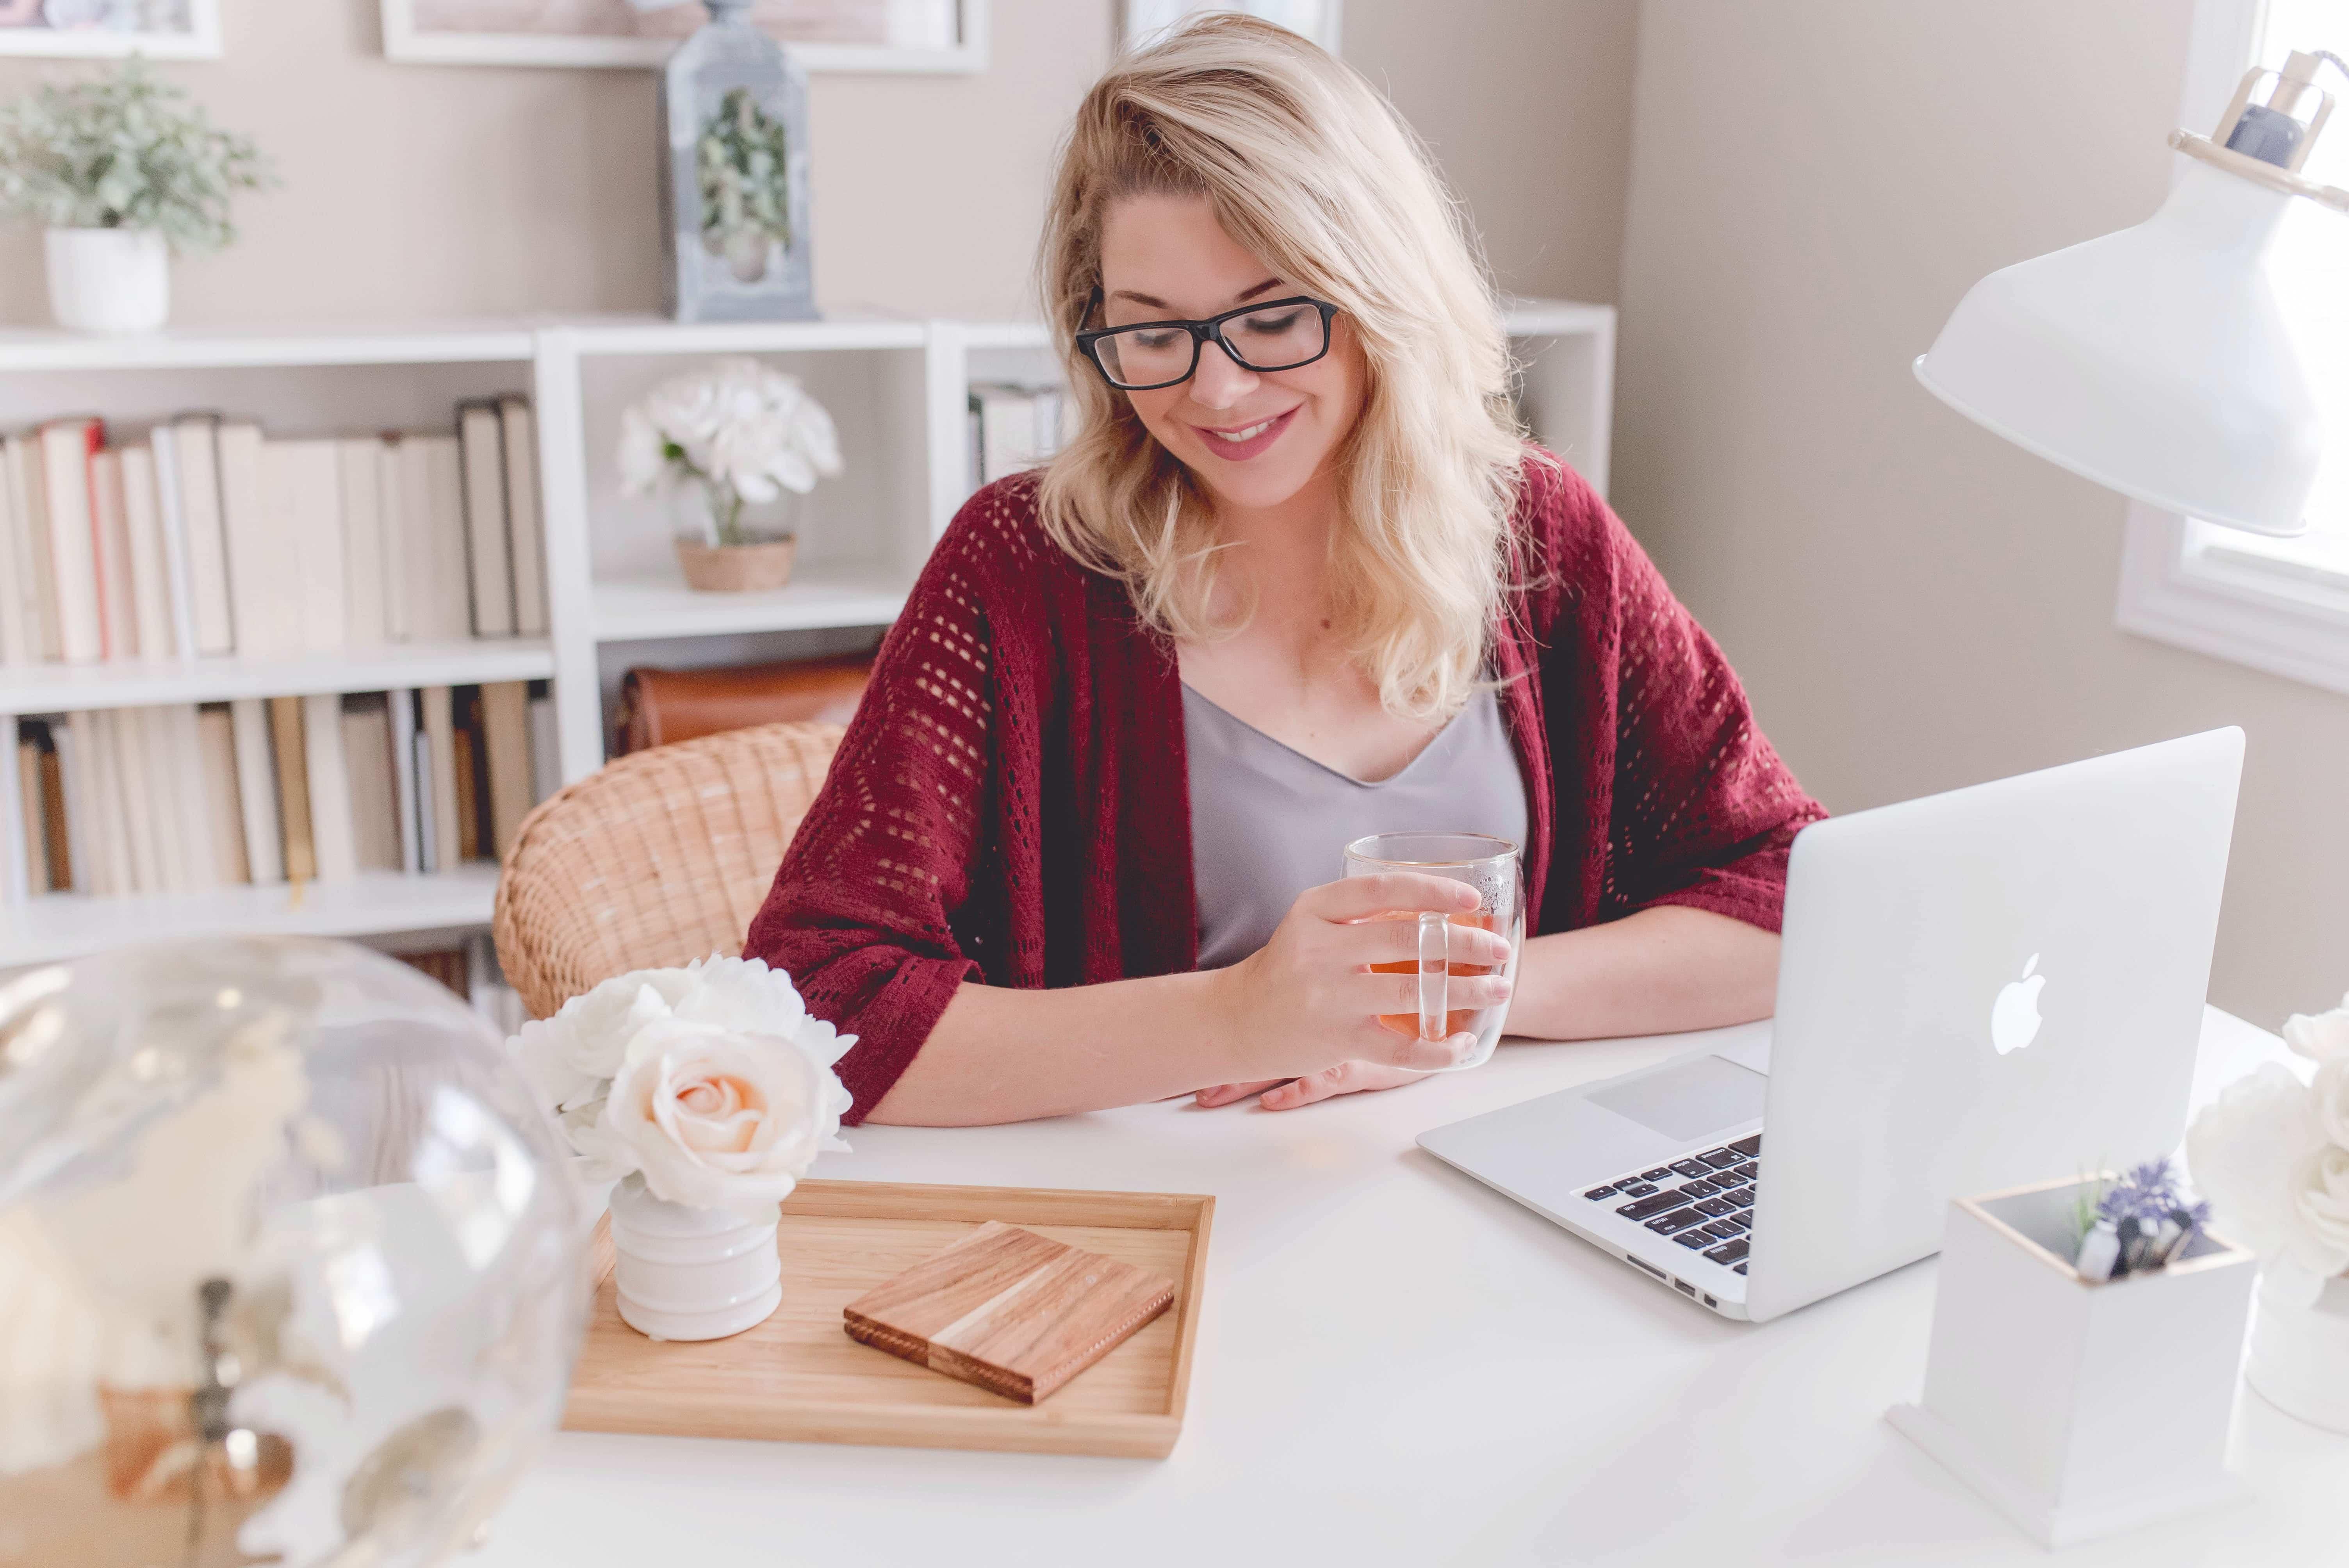 Vrouw schrijft vacature achter laptop.